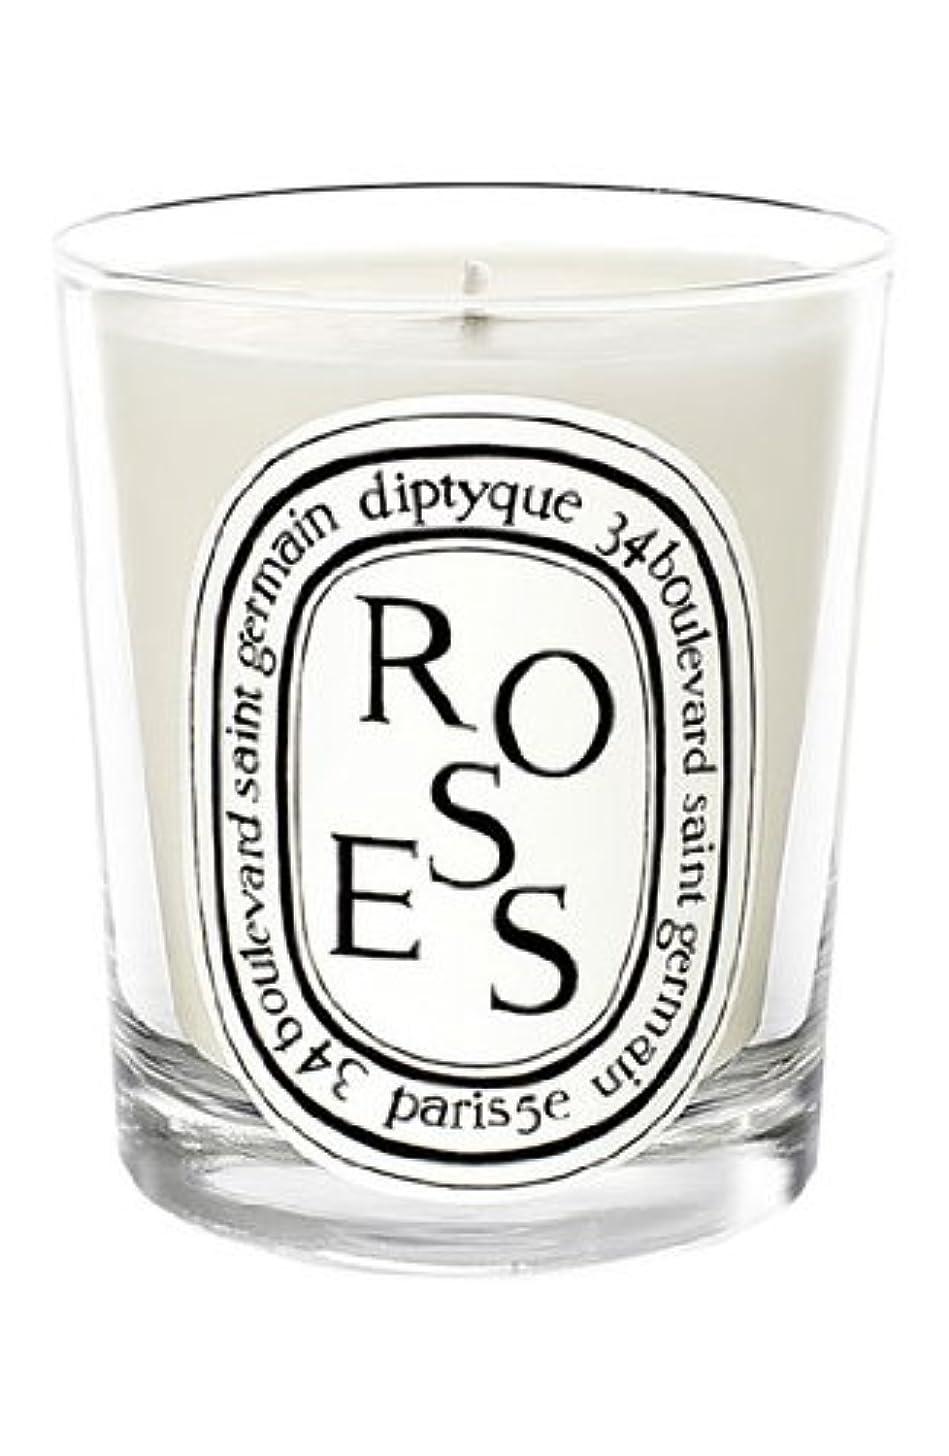 津波感じ大使館Diptyque - Roses Candle (ディプティック ロージーズ キャンドル)195 g